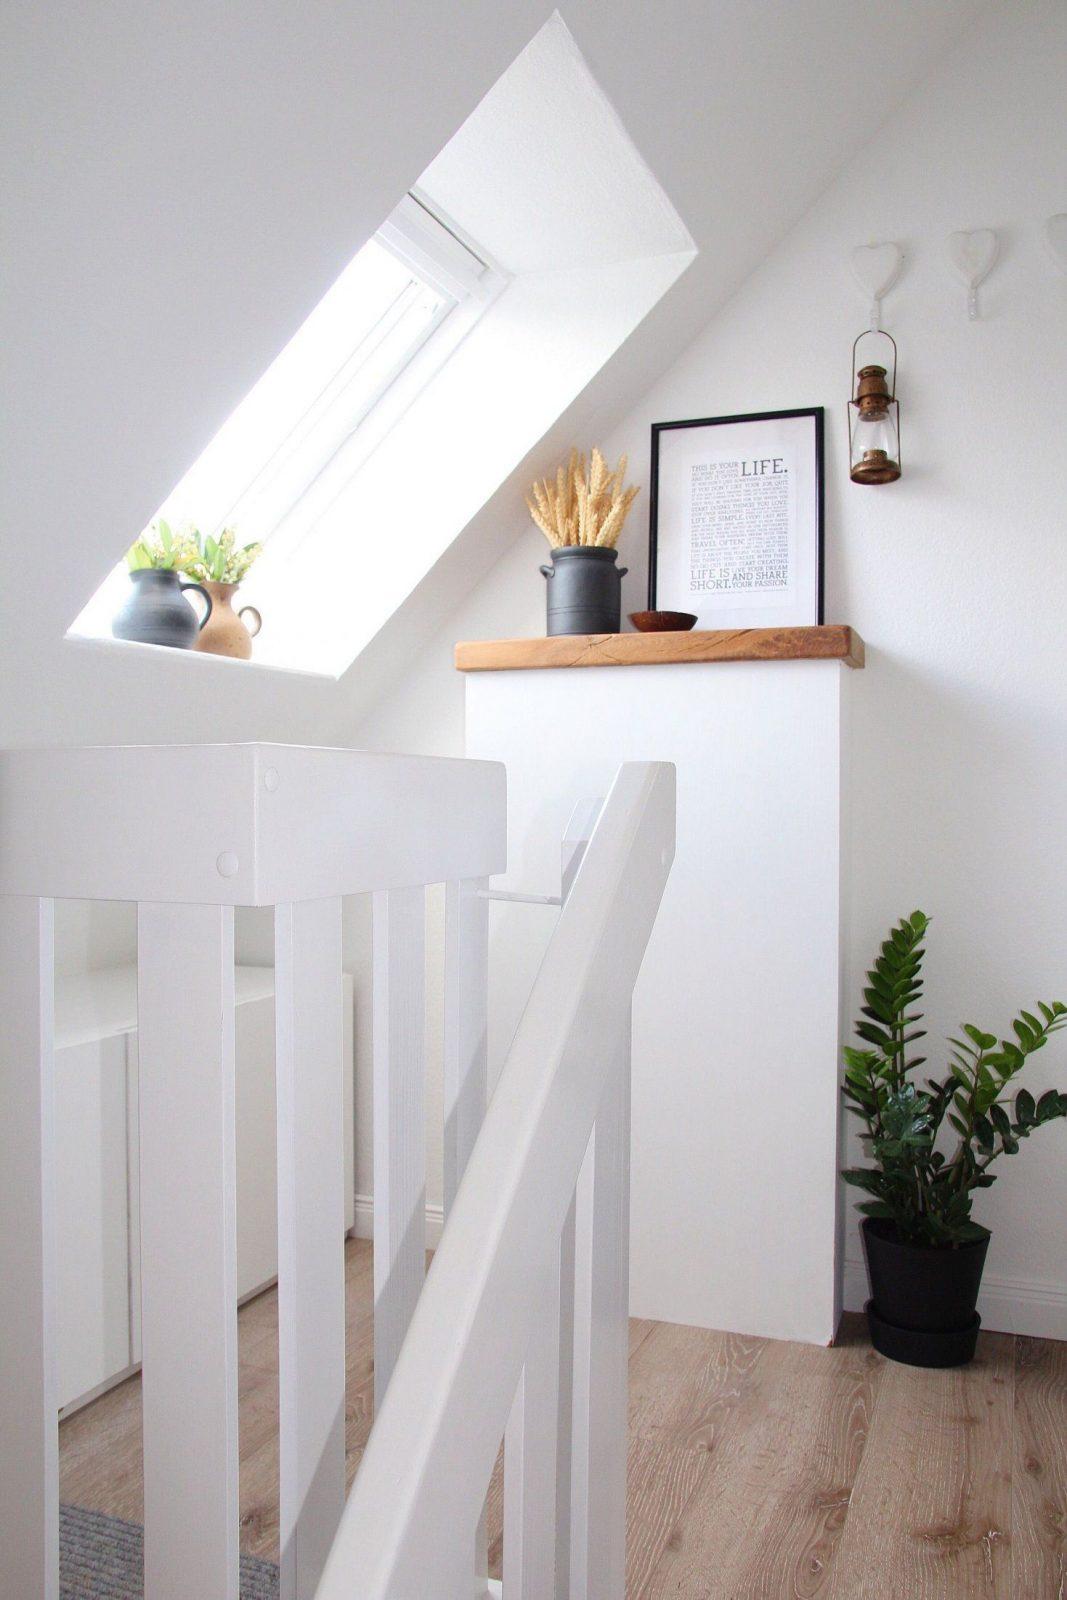 Flur Und Treppenhaus Neu Gestalten Und Dekorieren Vorher Nachher von Treppenhaus Gestalten Schöner Wohnen Photo